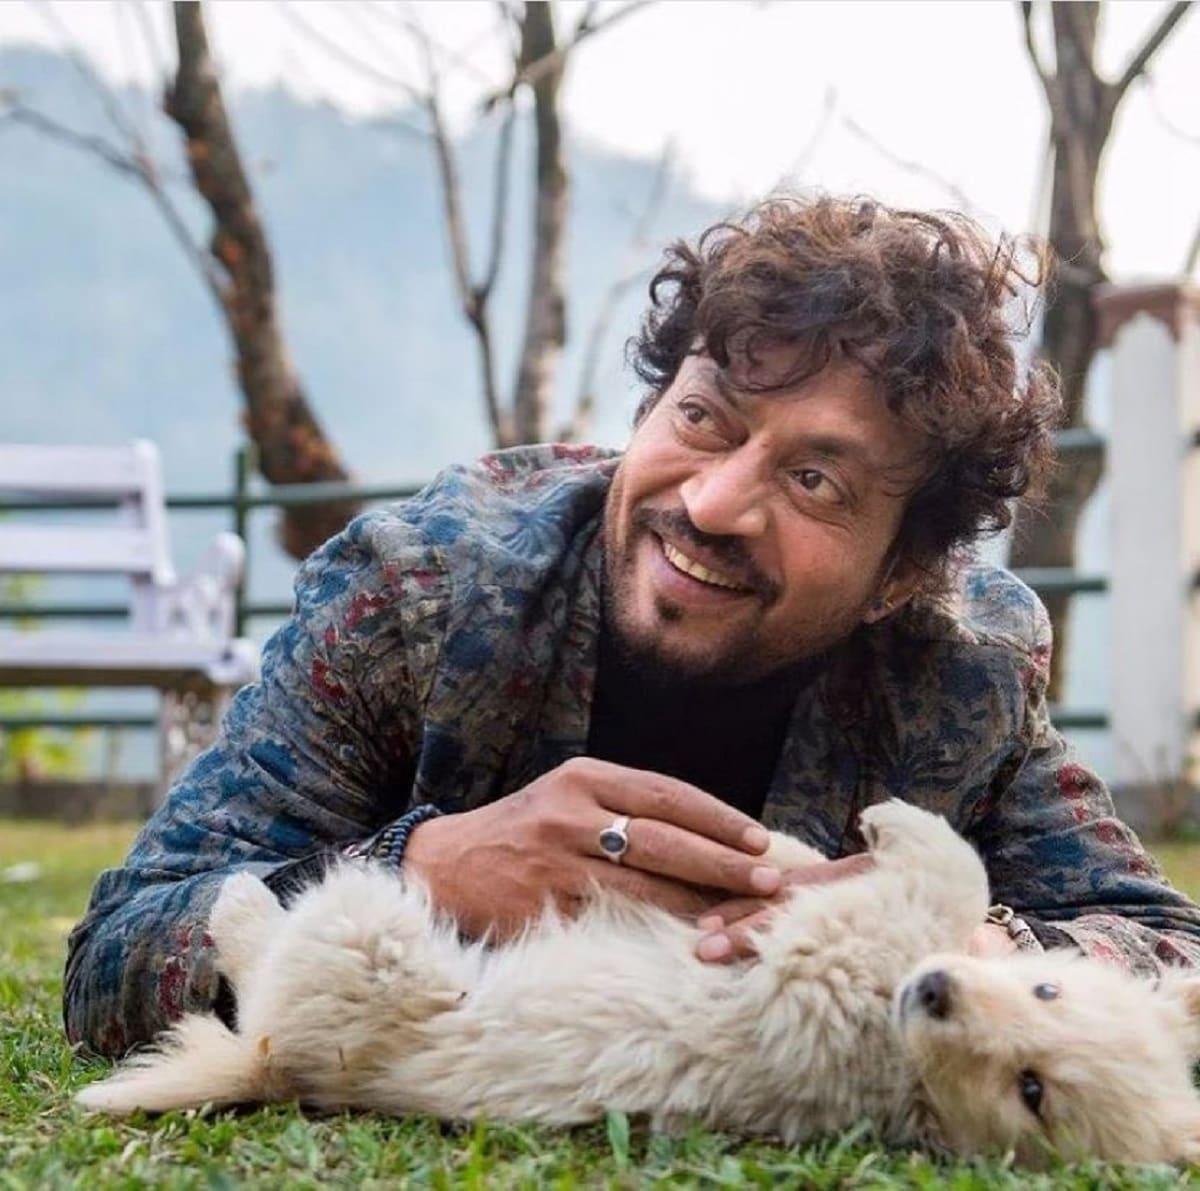 ২০০৬ সালের তামিল ছবি সৈনিকুরু (Sainikudu)-তে মহেশ বাবুর (Mahsh Babu) সঙ্গে অভিনয় করেছিলেন ইরফান খান (Irrfan Khan)। পঞ্জাবি ছবি কিসসা (Qissa), বাংলাদেশি ছবি ডুব-এও (Doob) নজর কেড়েছে তাঁর অসামান্য অভিনয়।